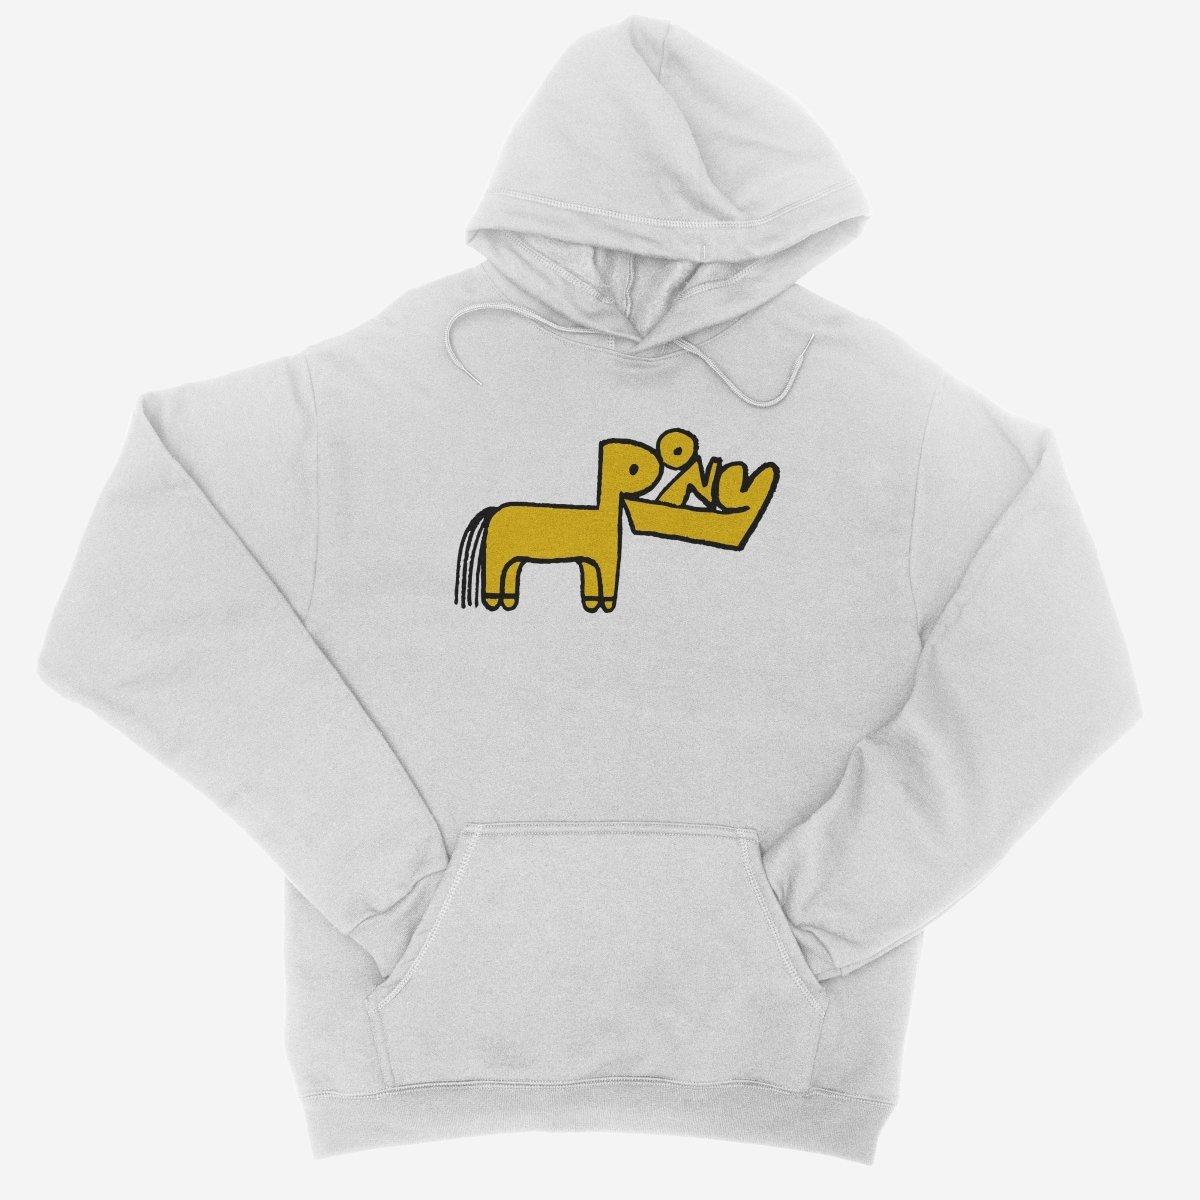 Rex Orange County - Pony Unisex Hoodie